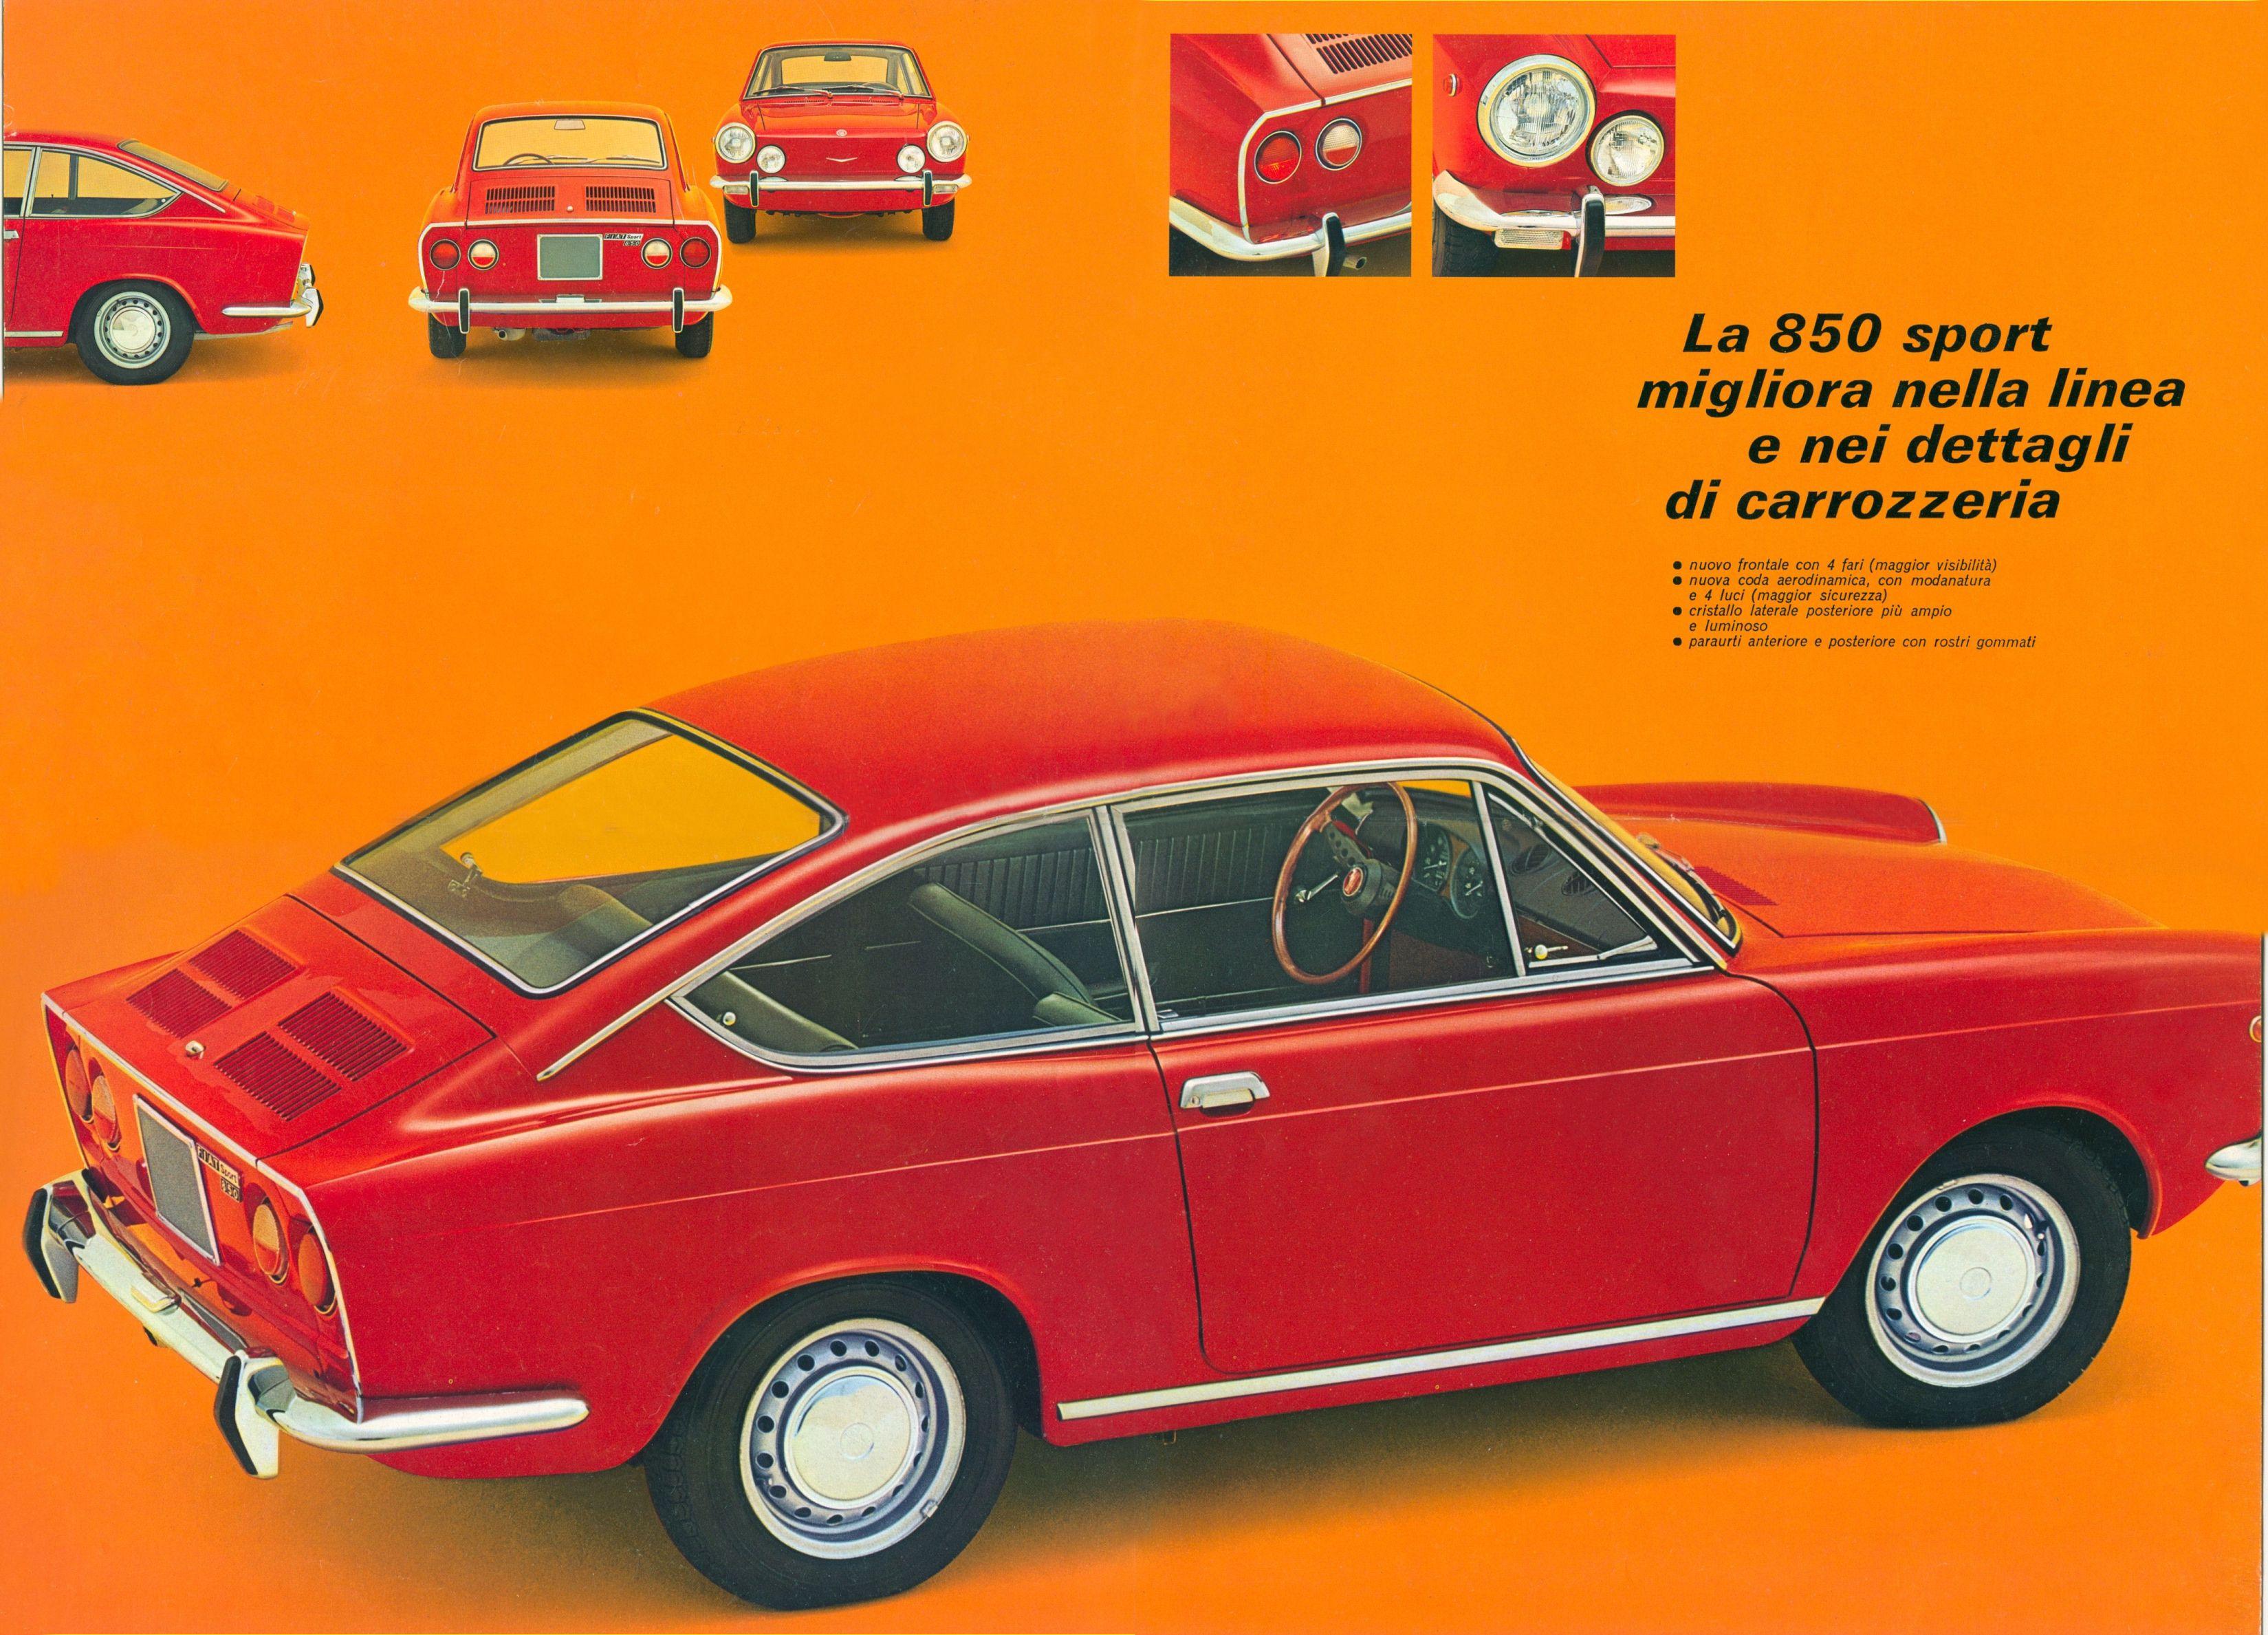 1965 73 fiat 850 sport coupe brochure. Black Bedroom Furniture Sets. Home Design Ideas